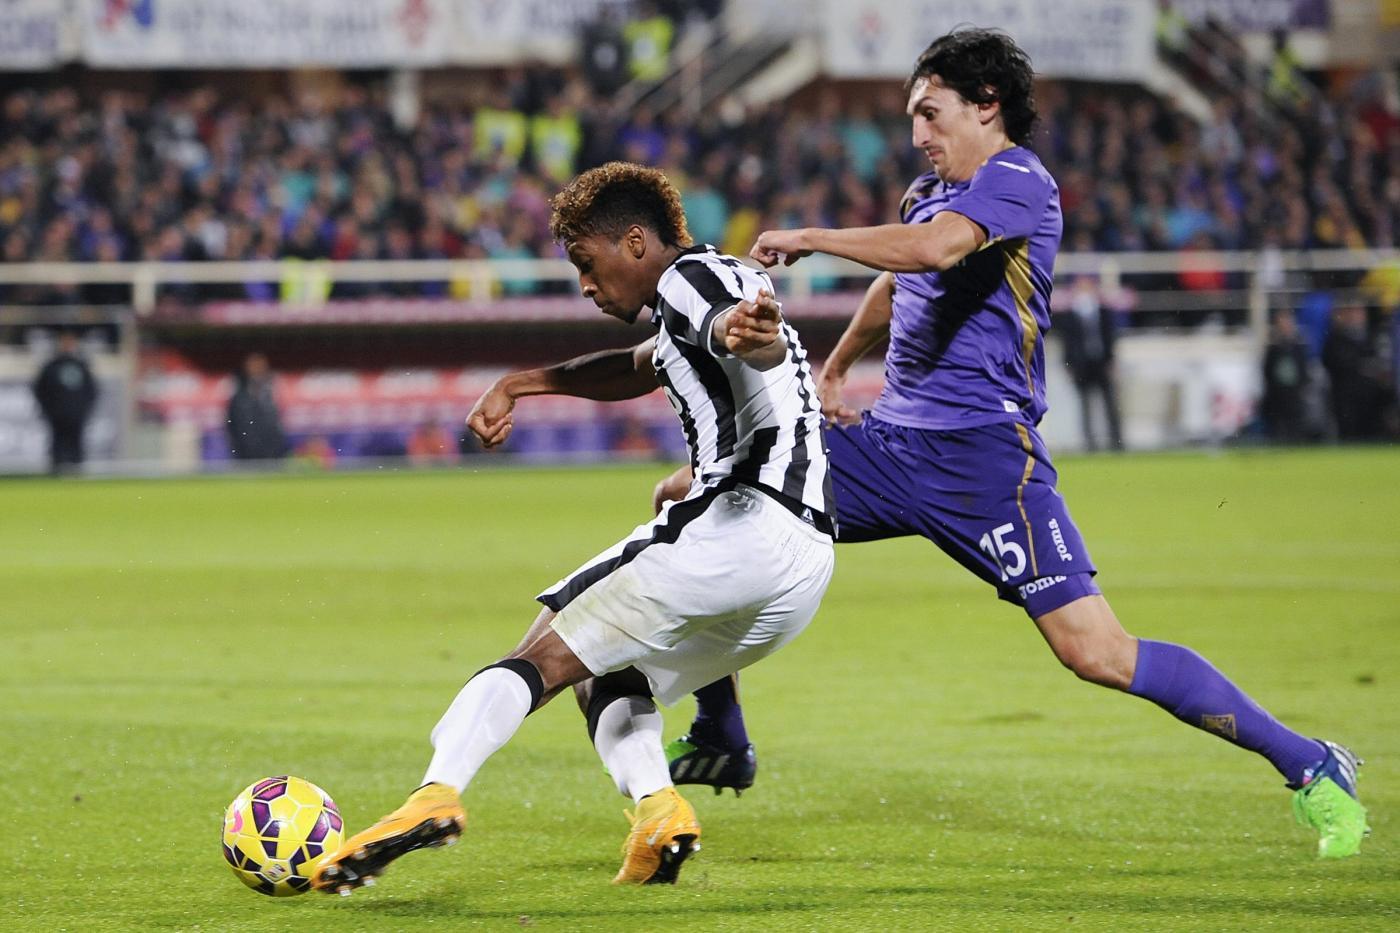 Coppa Italia 2014/15, Juventus vs Fiorentina 1-2: Salah devastante